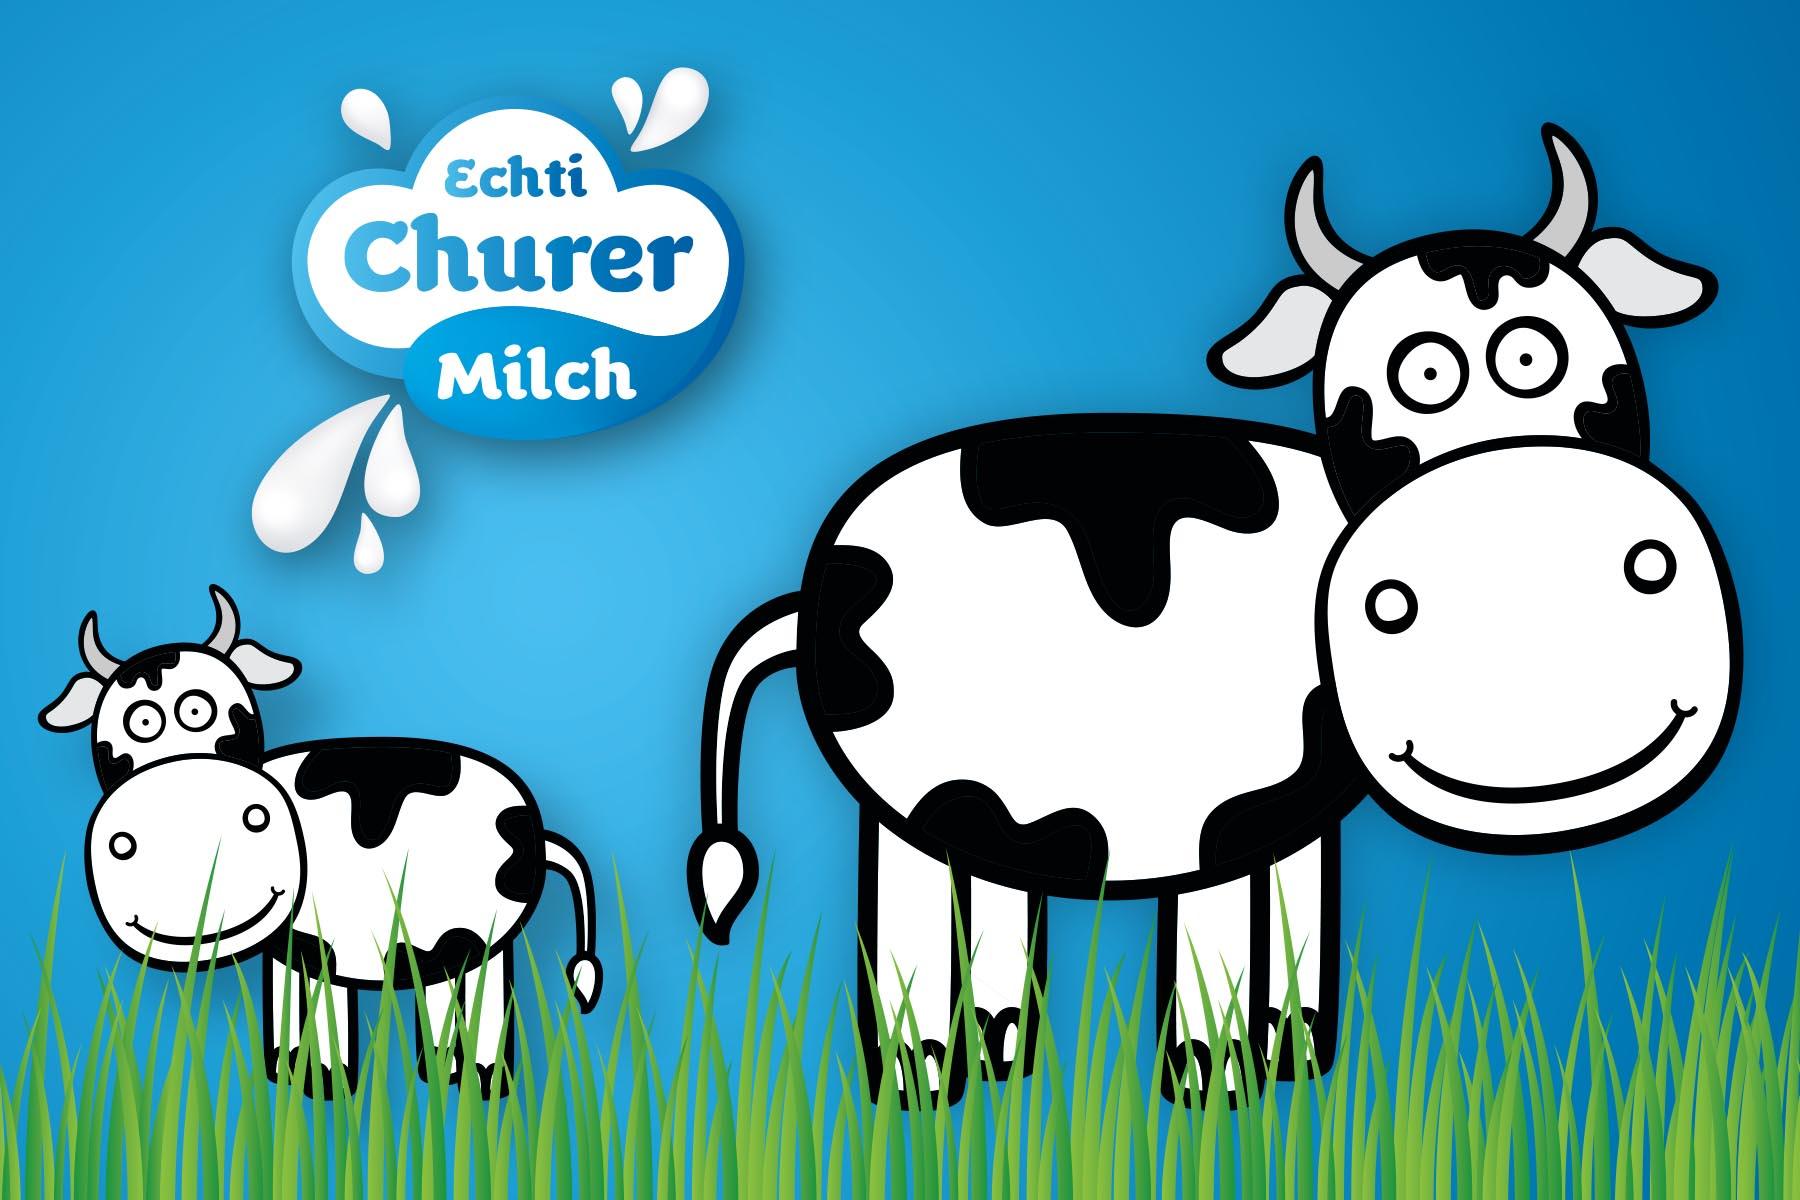 Churer Milch